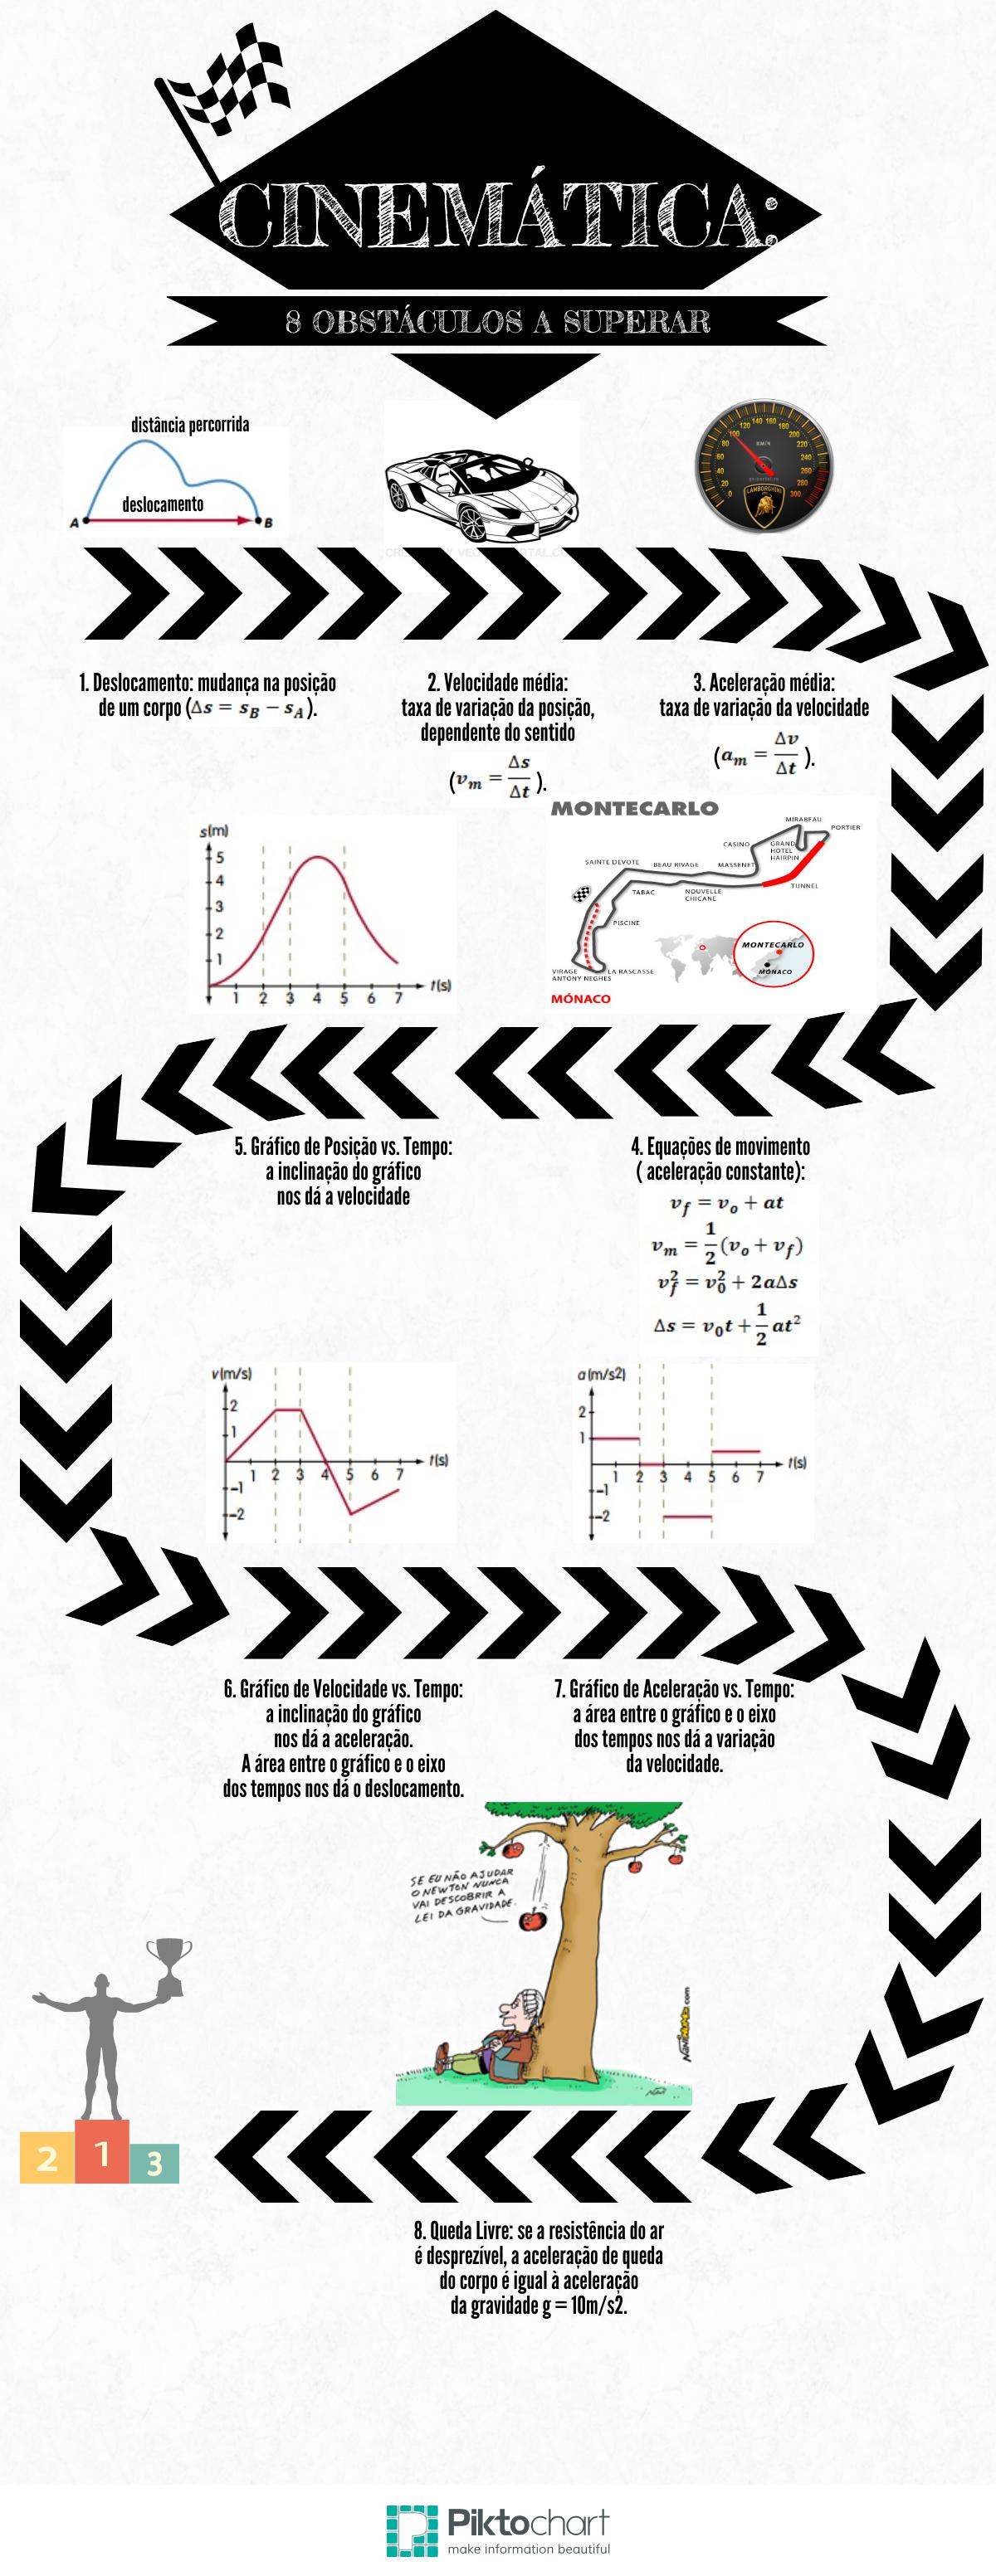 Um infografico definitivo sobre Cinematica